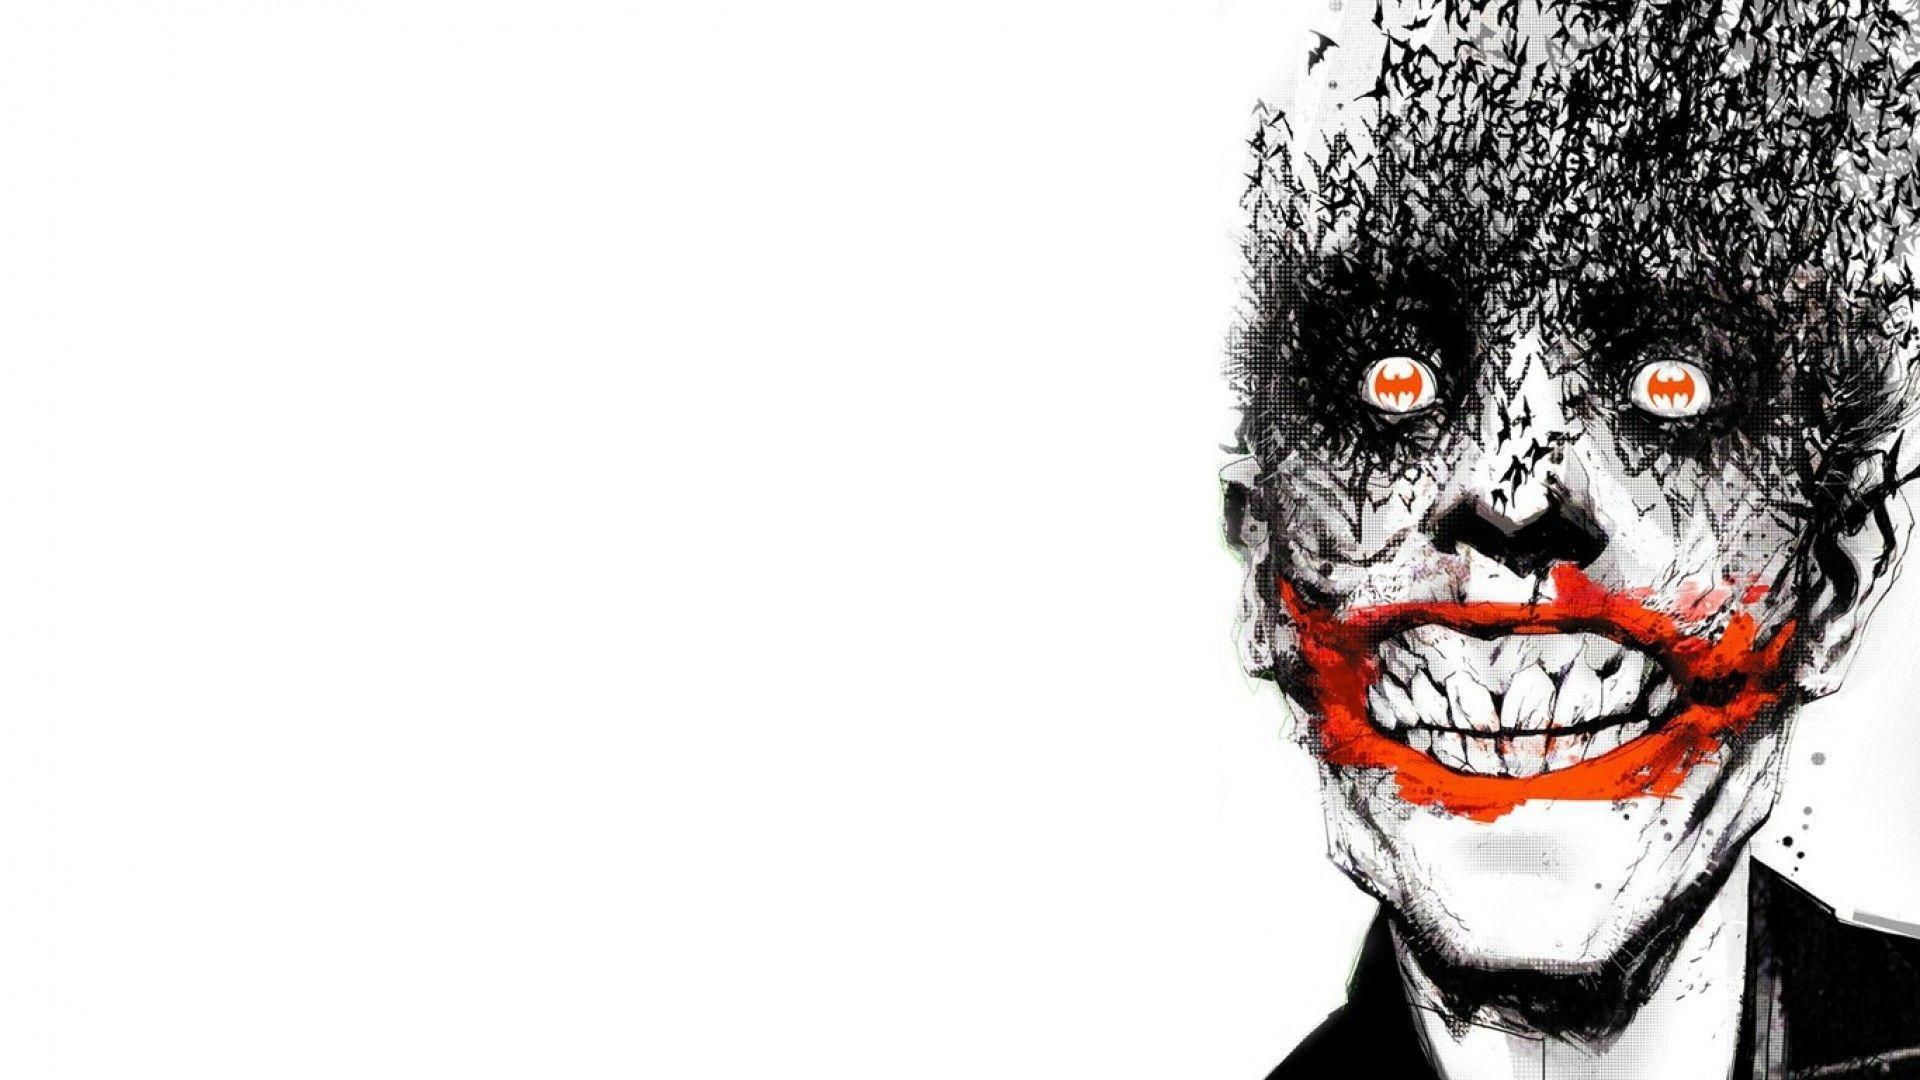 Joker Comic Wallpapers 1920x1080